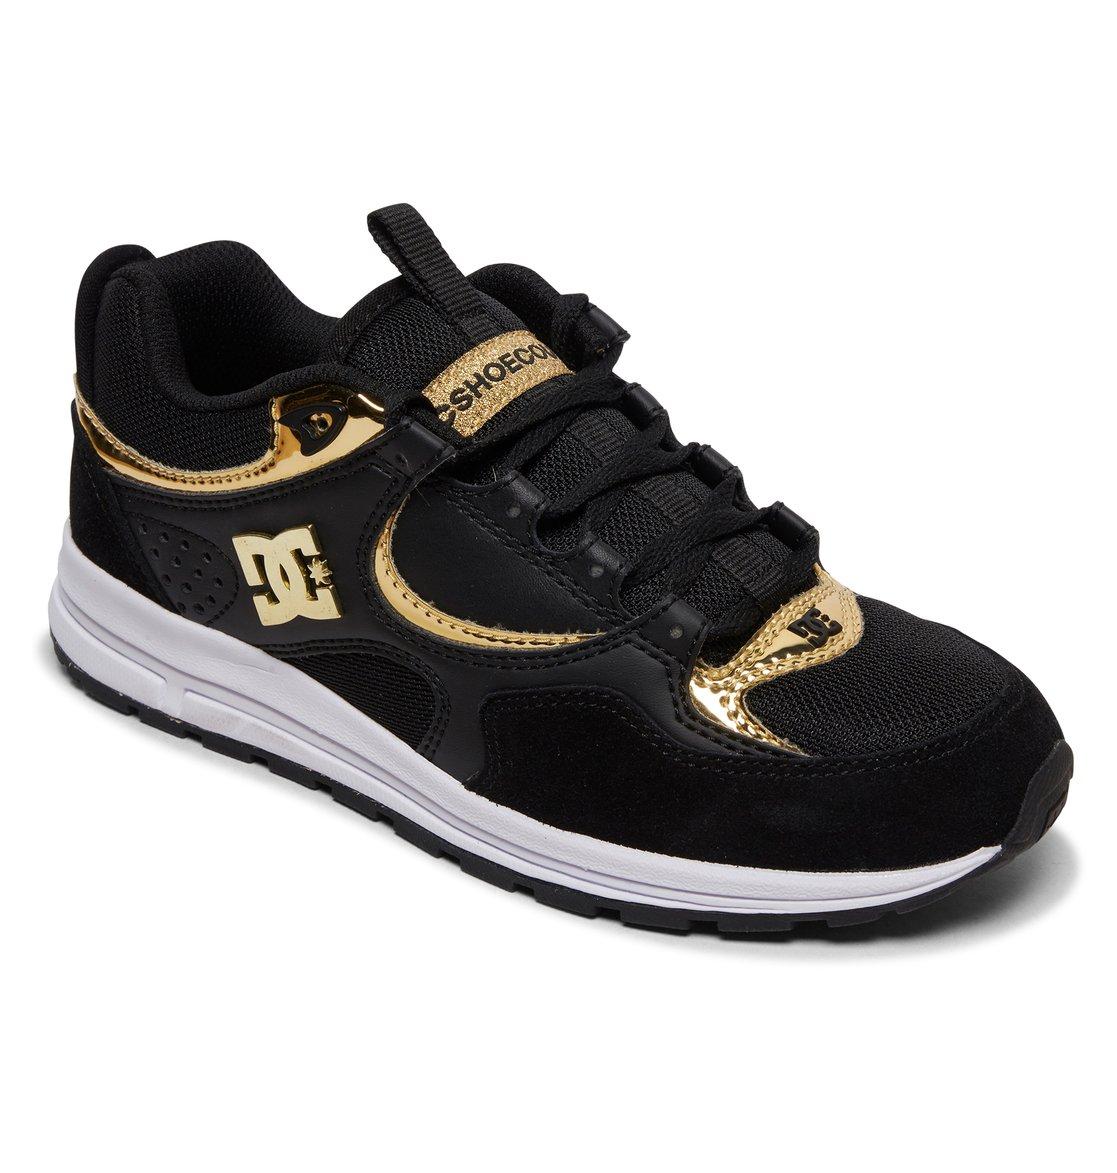 DC Shoes Sneaker Kalis Lite